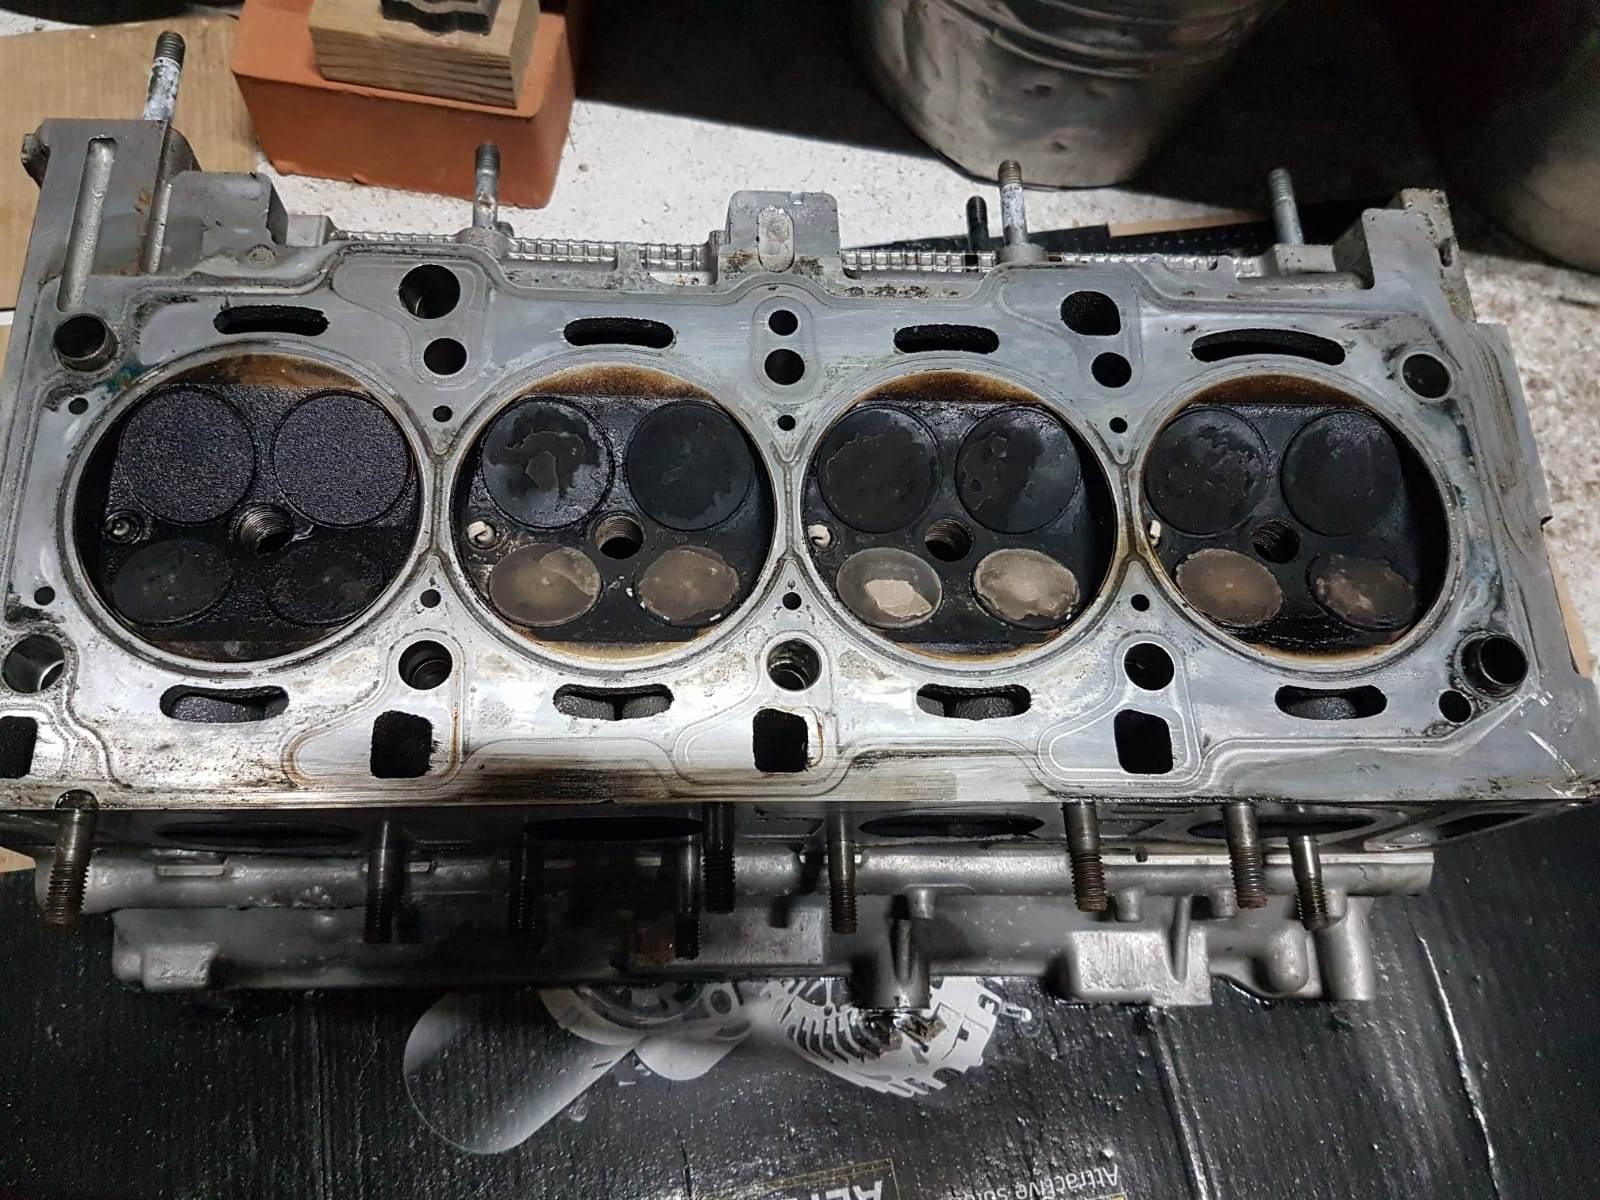 foto Consumo perdita/olio, riparare o sostituire motore? - 3